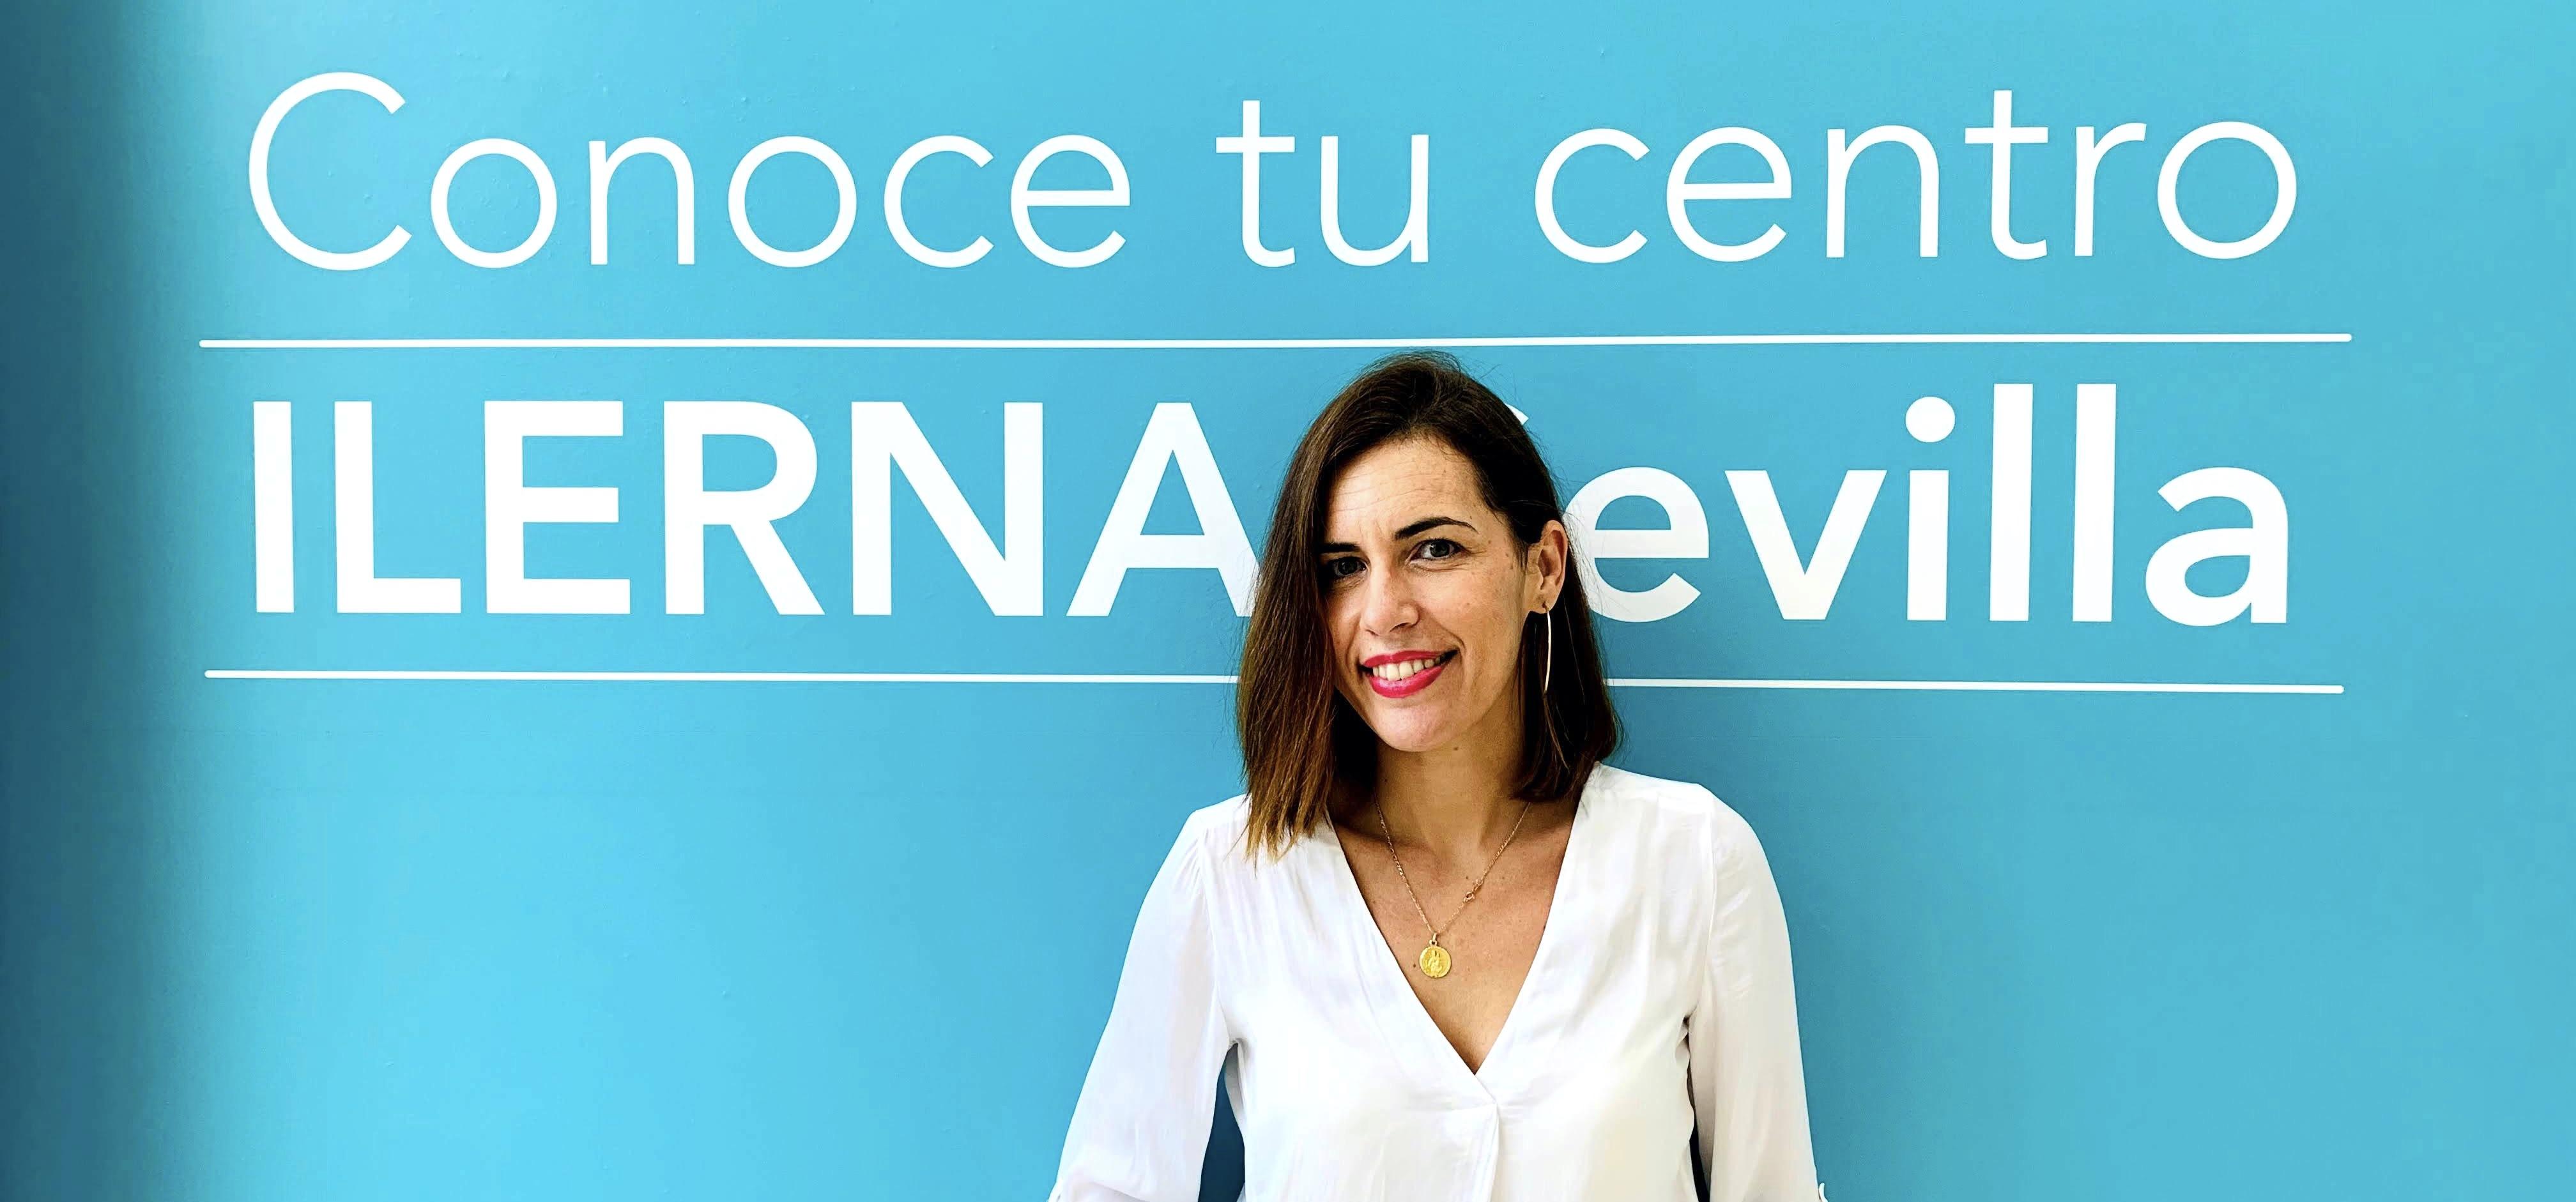 Ilerna On line, que desde septiembre tiene sede en Sevilla con 4.000 metros cuadrados. Cuenta con Virginia Simón como Marketing Manager.